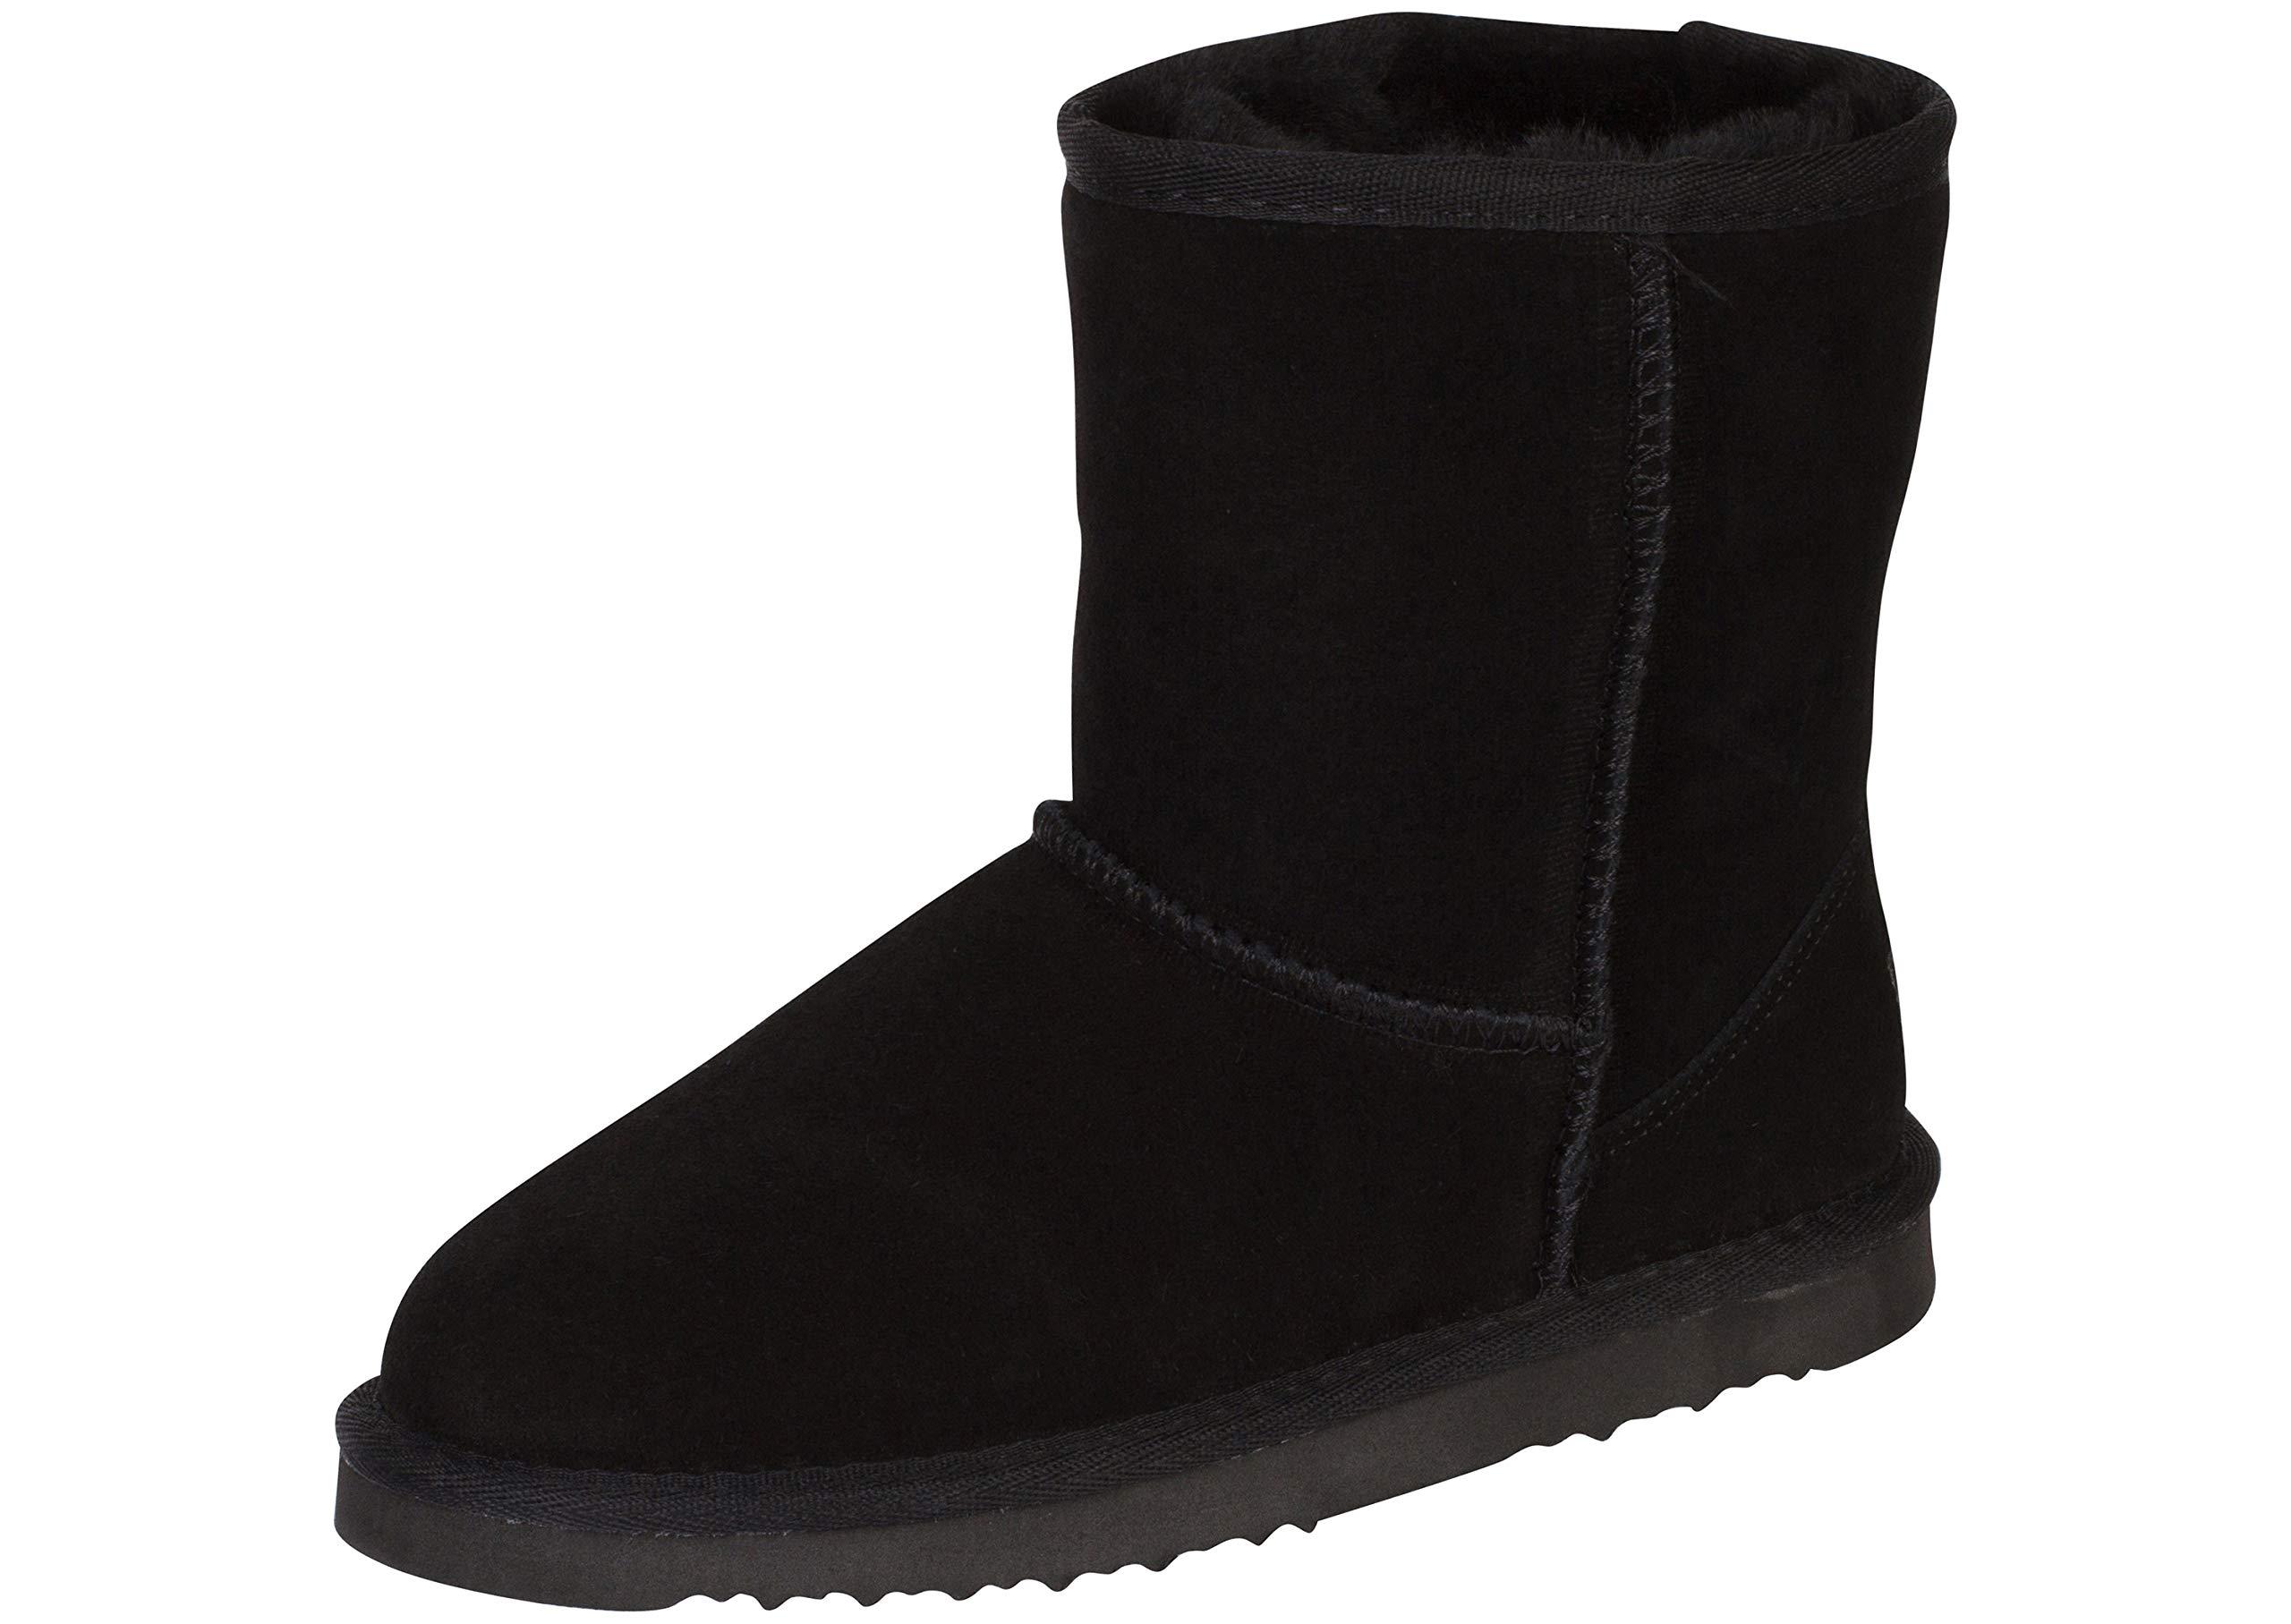 Kemi Kid's Classic Bella Short Winter Fashion Boot, Black, 5 M US Big Kid